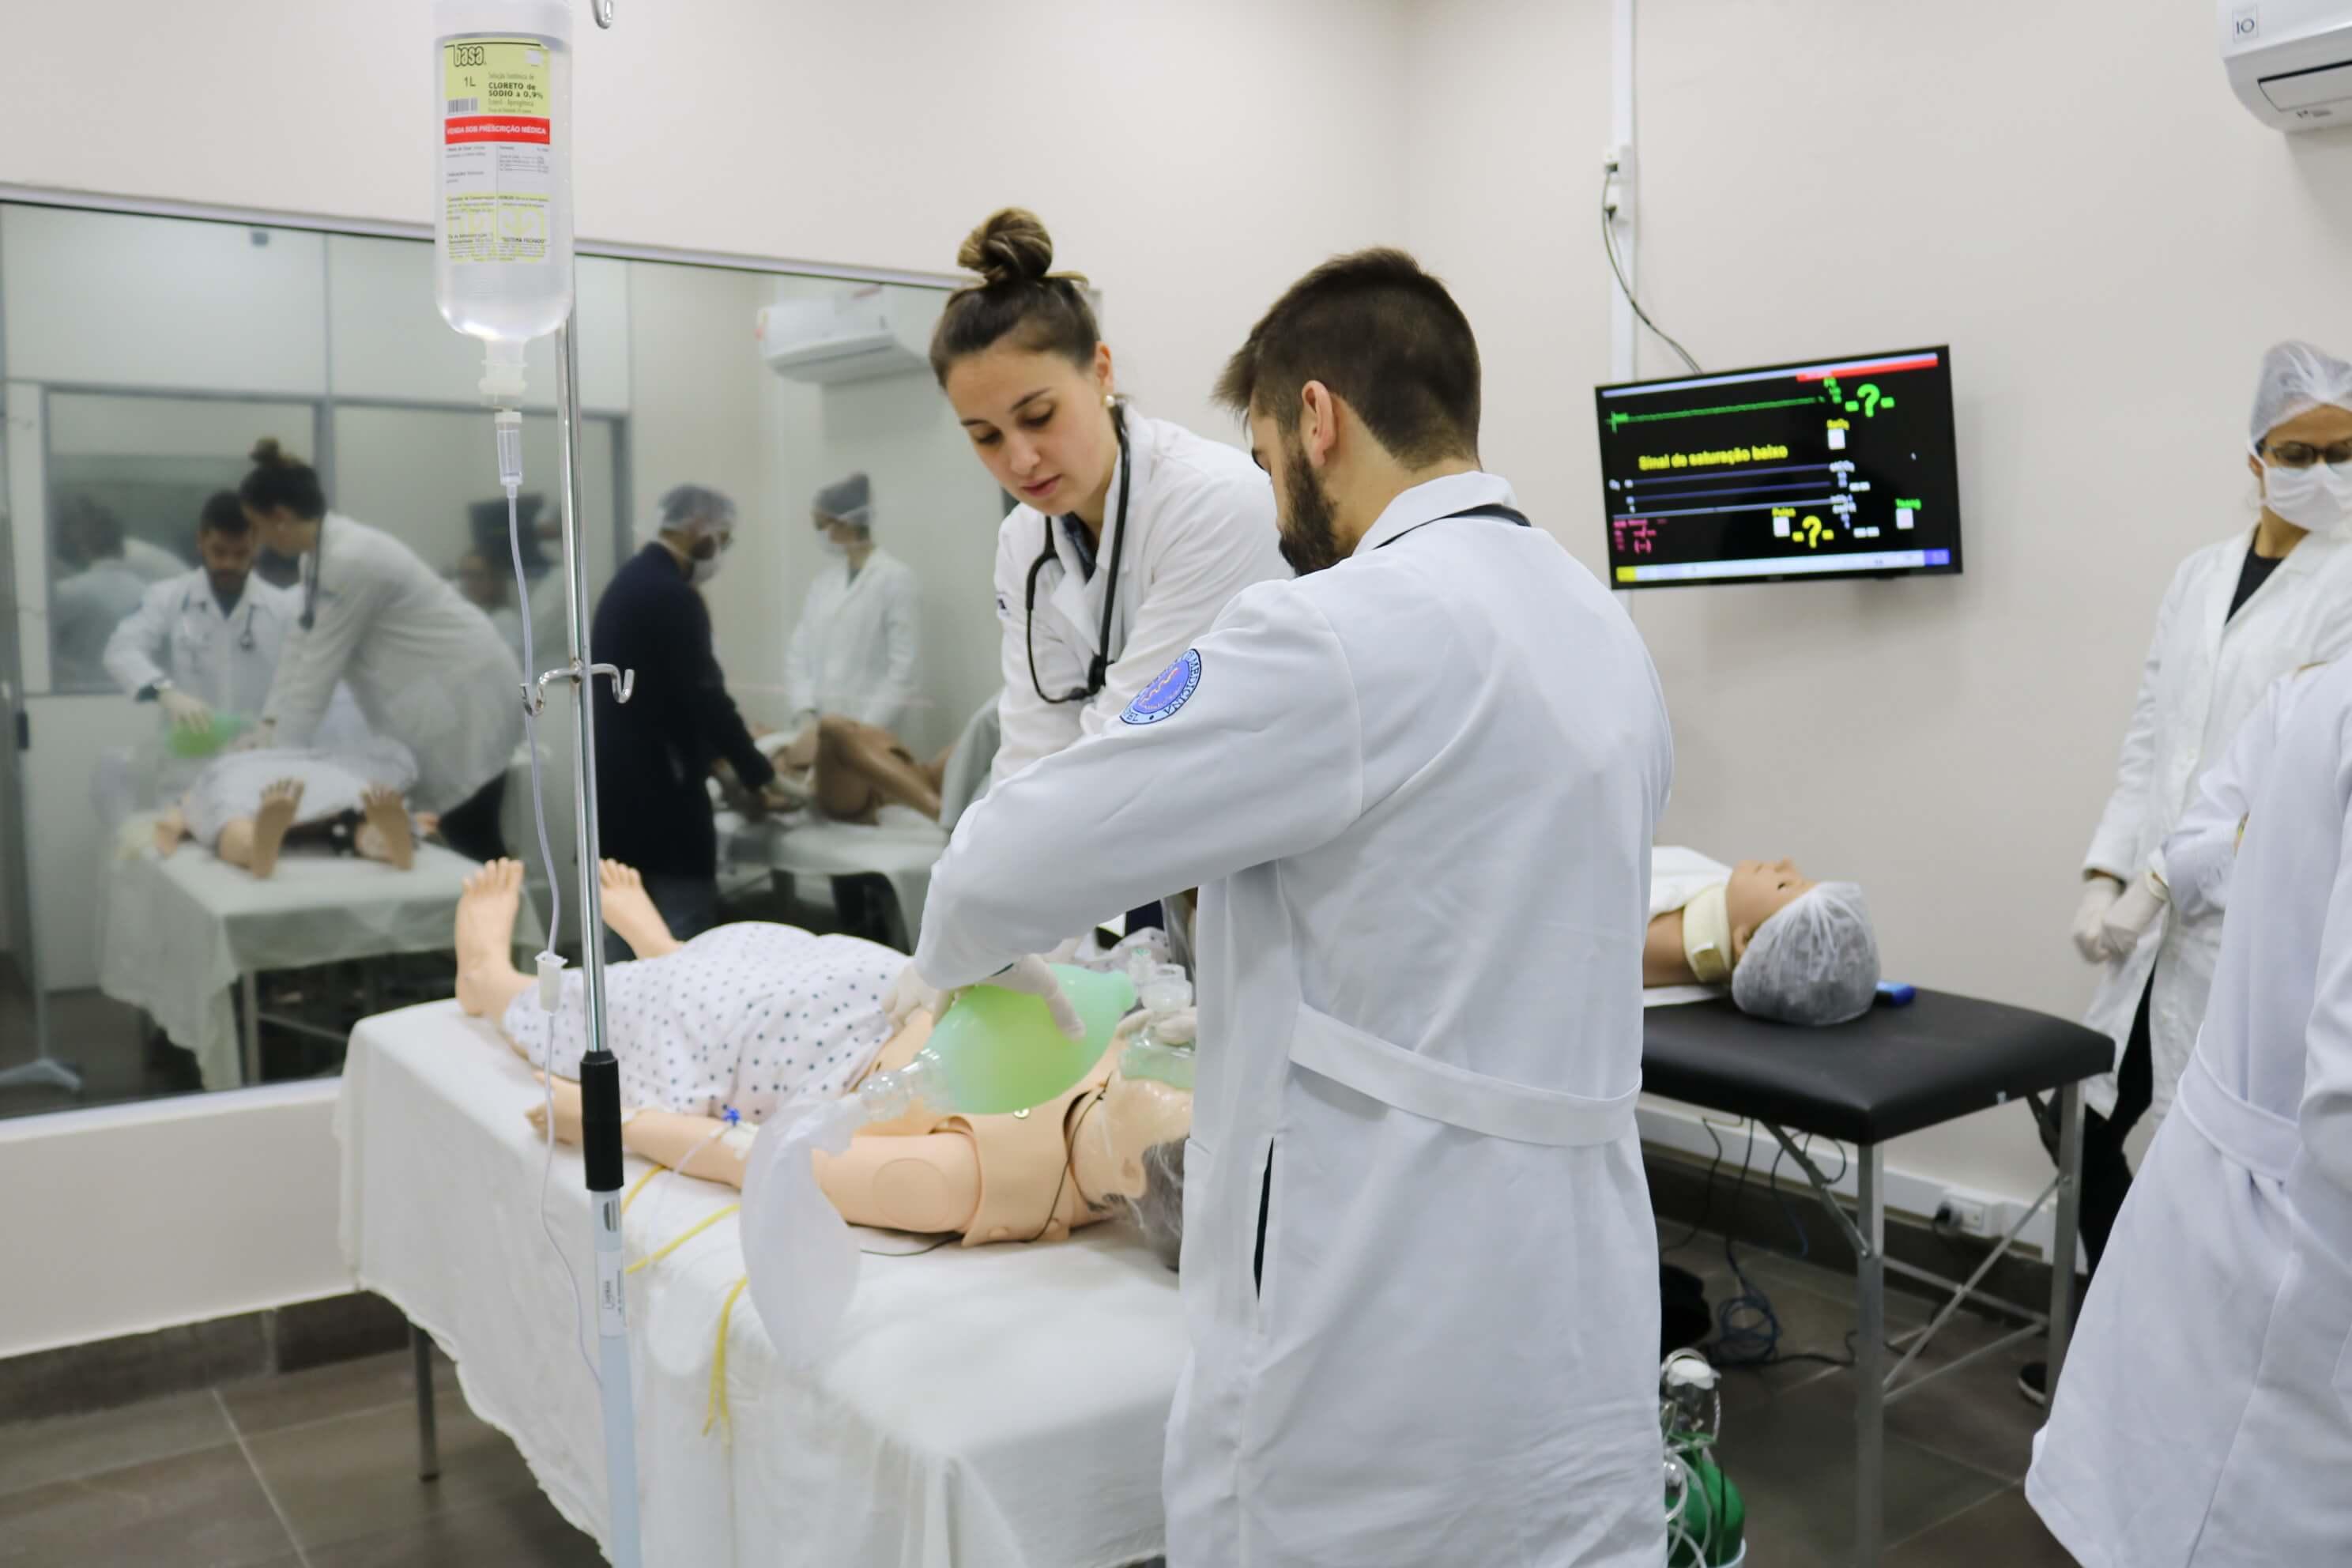 Alunos da Medicina da UCPel em aula de simulação realística